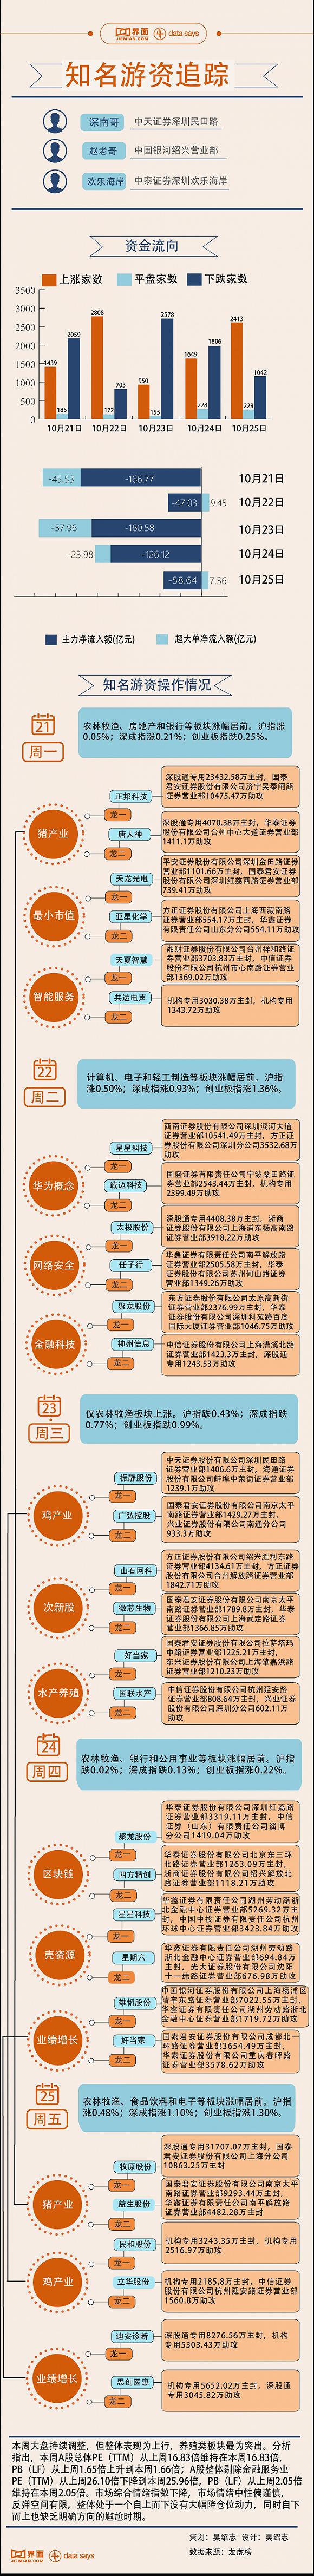 佰利app平台 - 11个林业科技特派员工作站挂牌成立